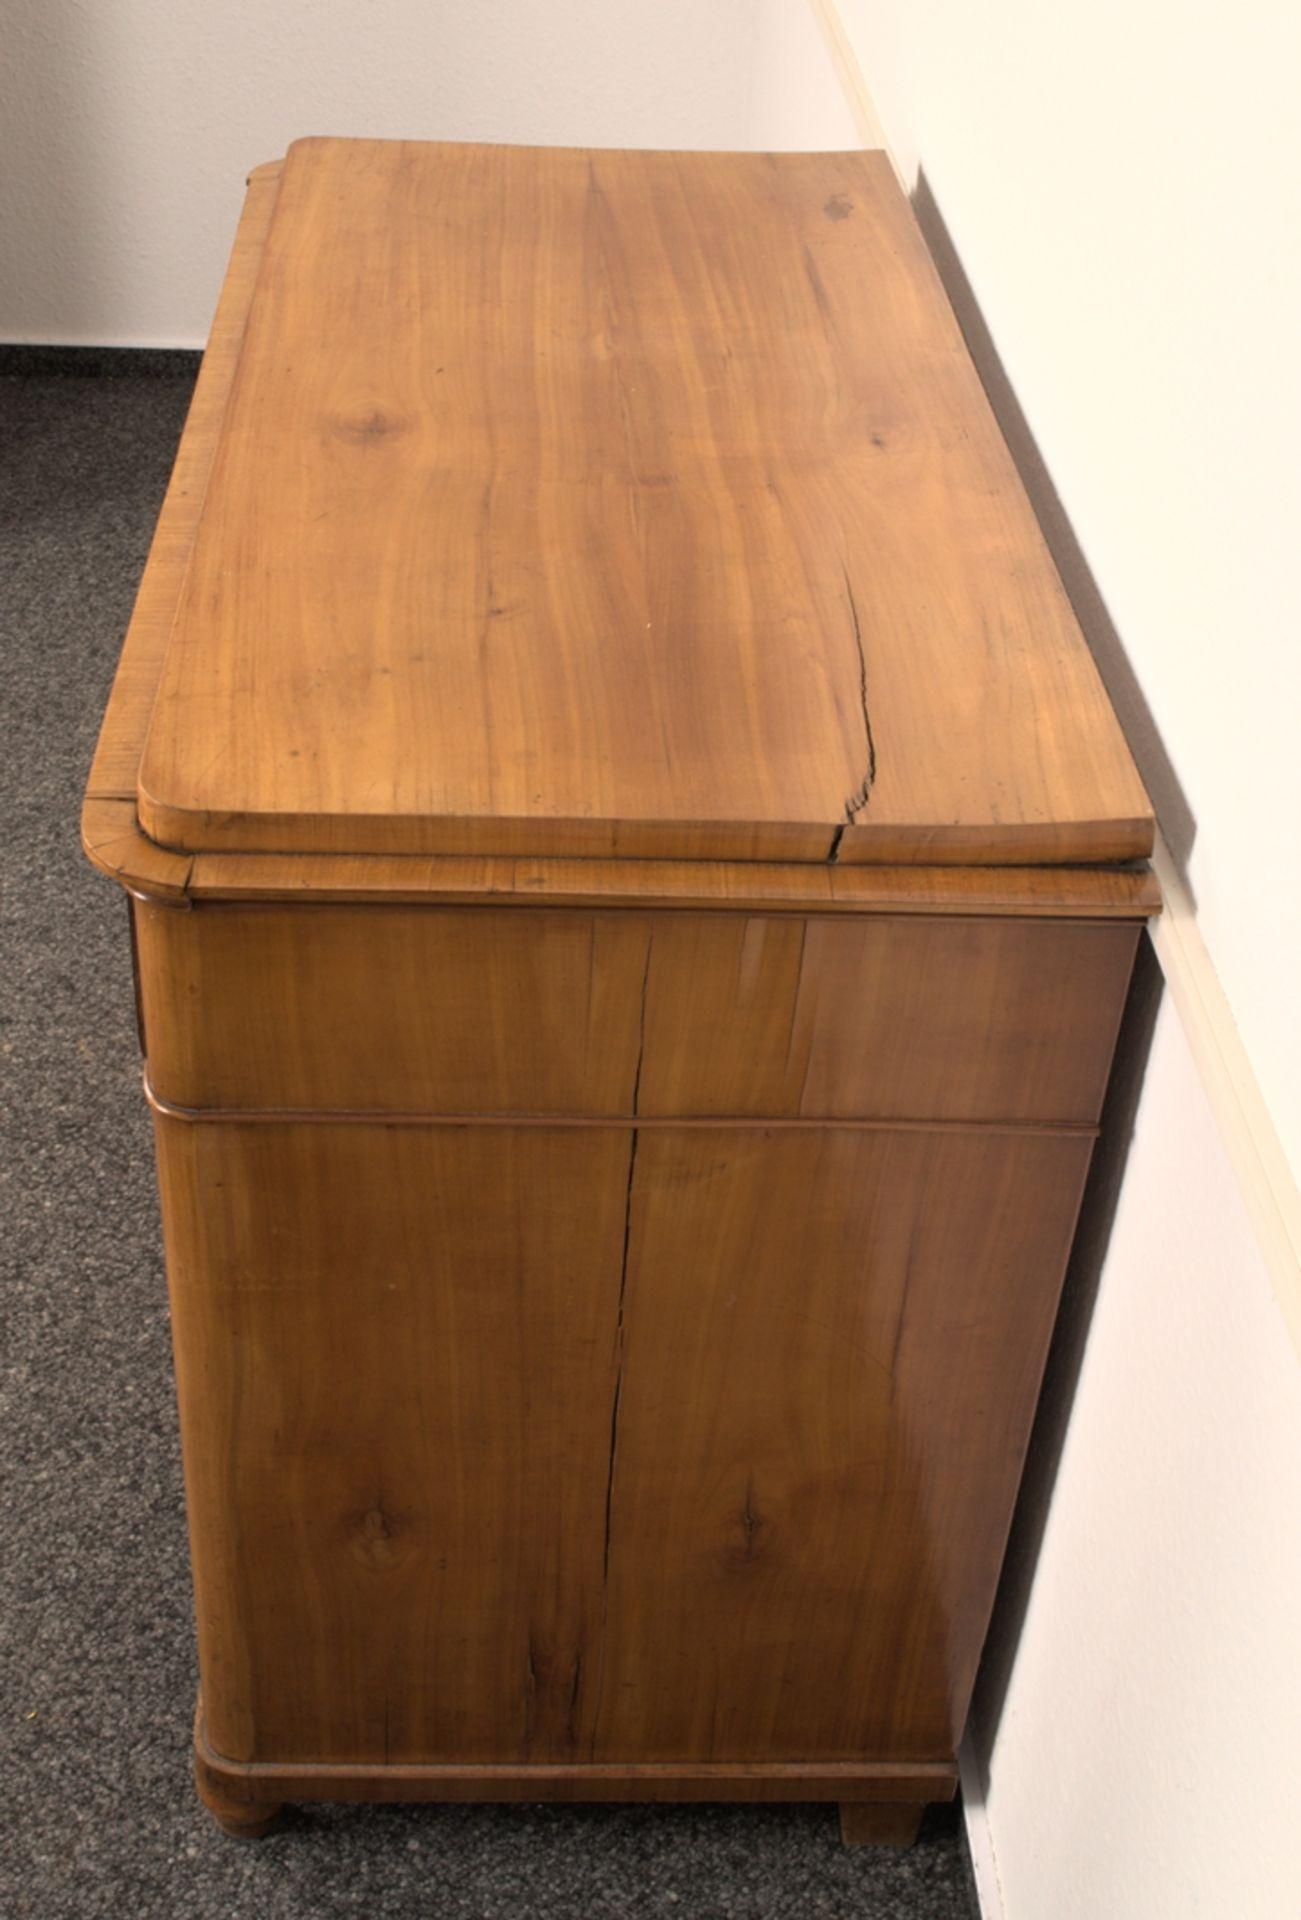 Wäschekommode. Biedermeier um 1835. Kirschbaum massiv & furniert, die 4 Schubladen-Fronten mit - Bild 7 aus 18